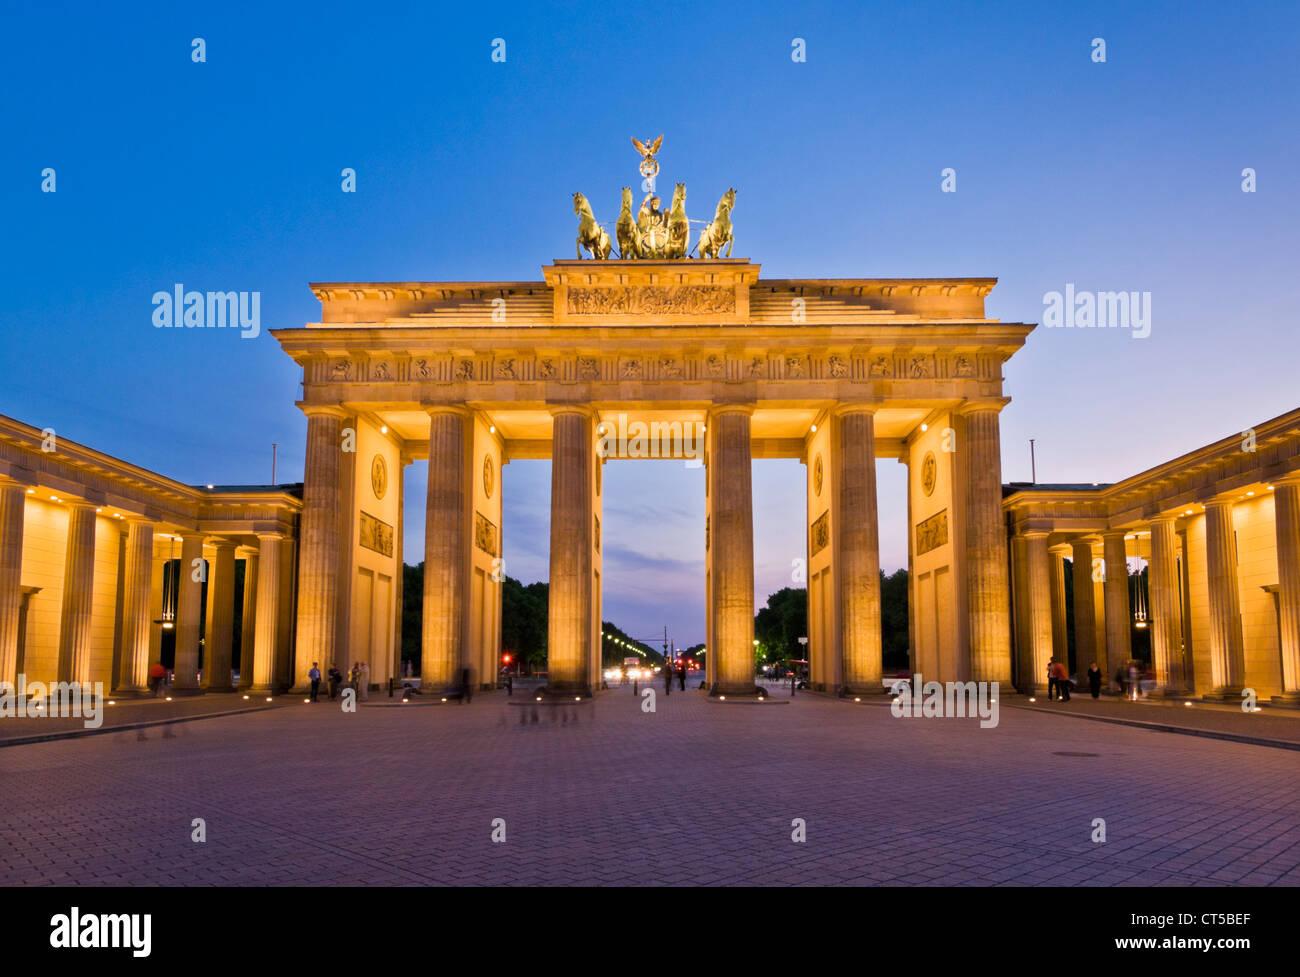 Porte de Brandebourg Pariser Platz avec le Quadrige ailé statue trônant au sommet au coucher du soleil Photo Stock